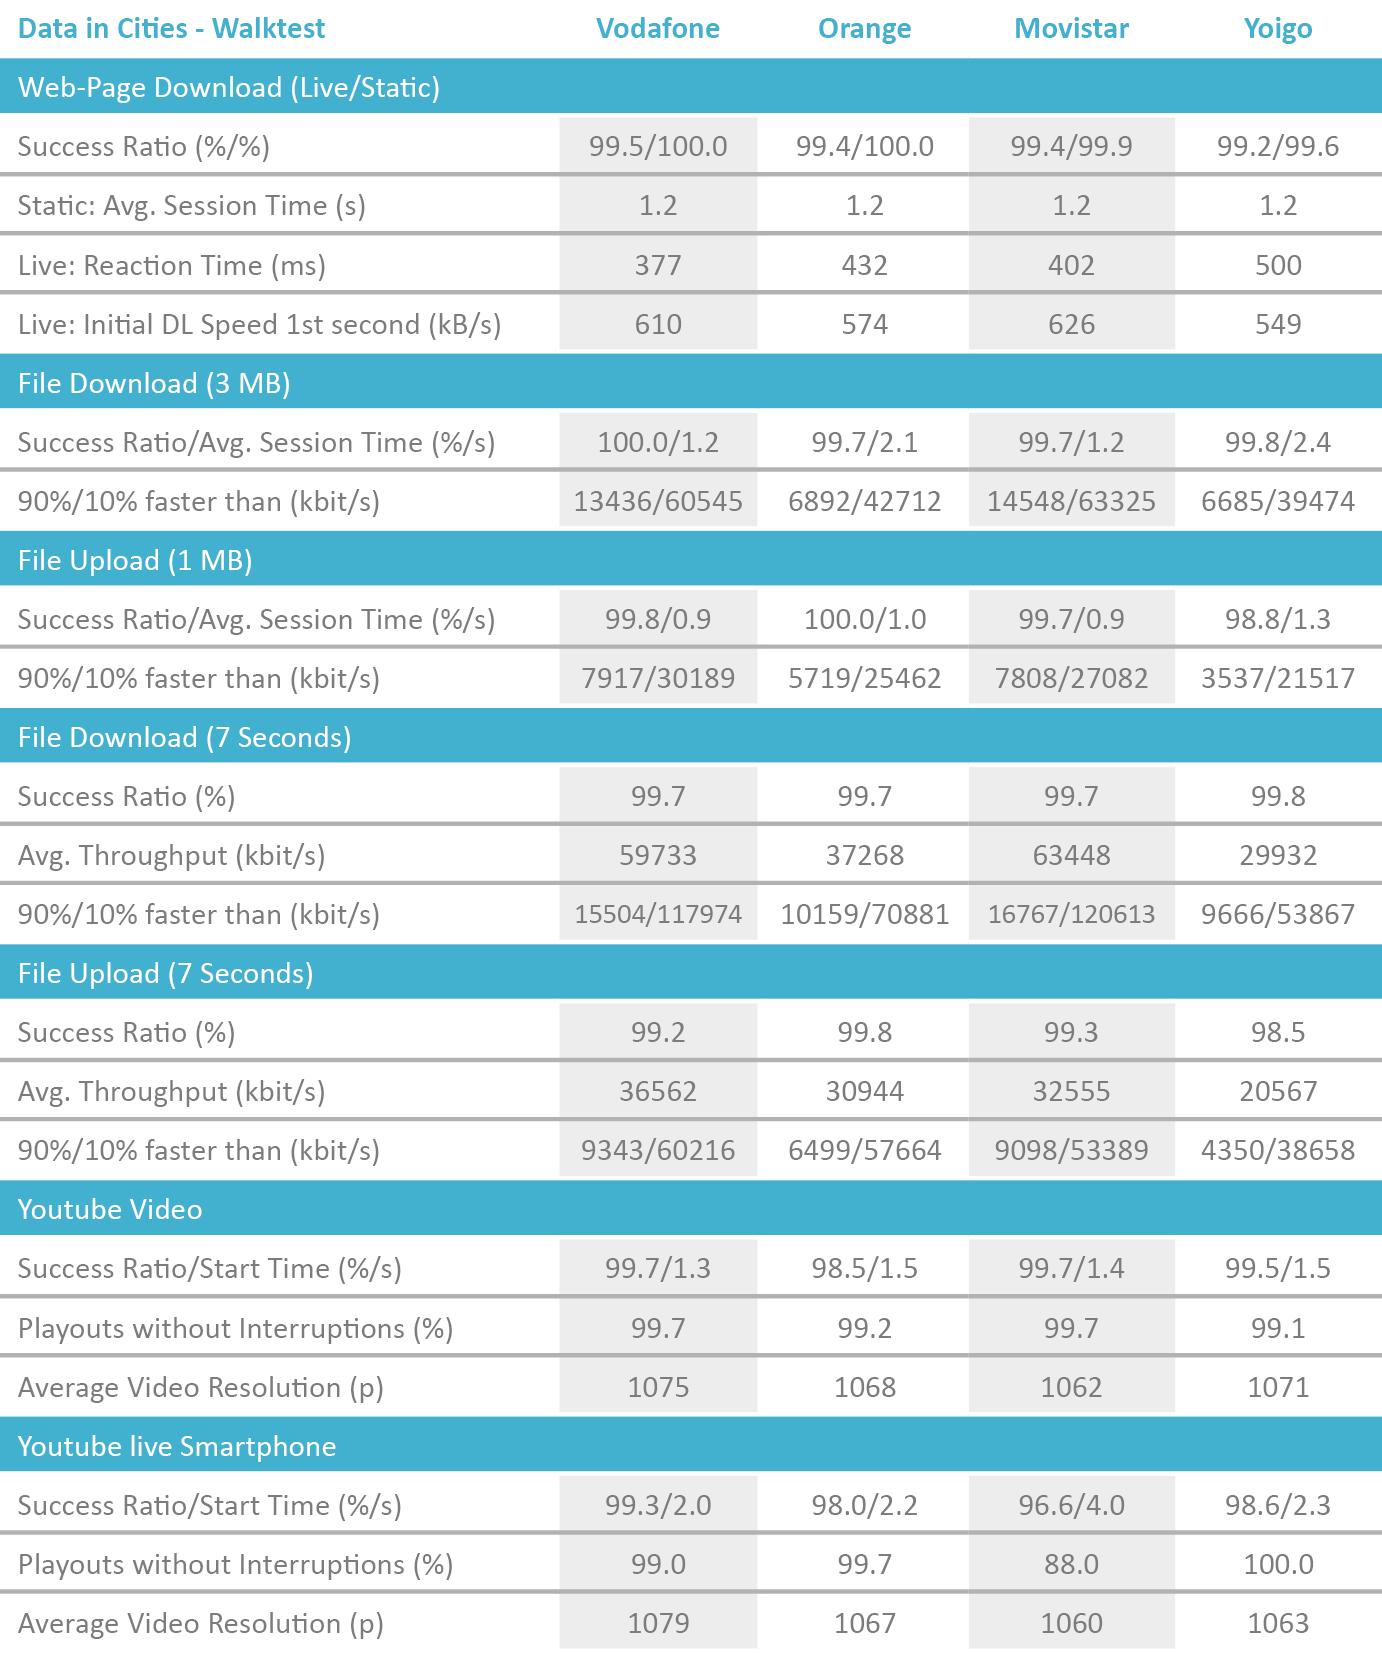 ES_Tabelle_DataCities_Walktest_2018_Englisch.png